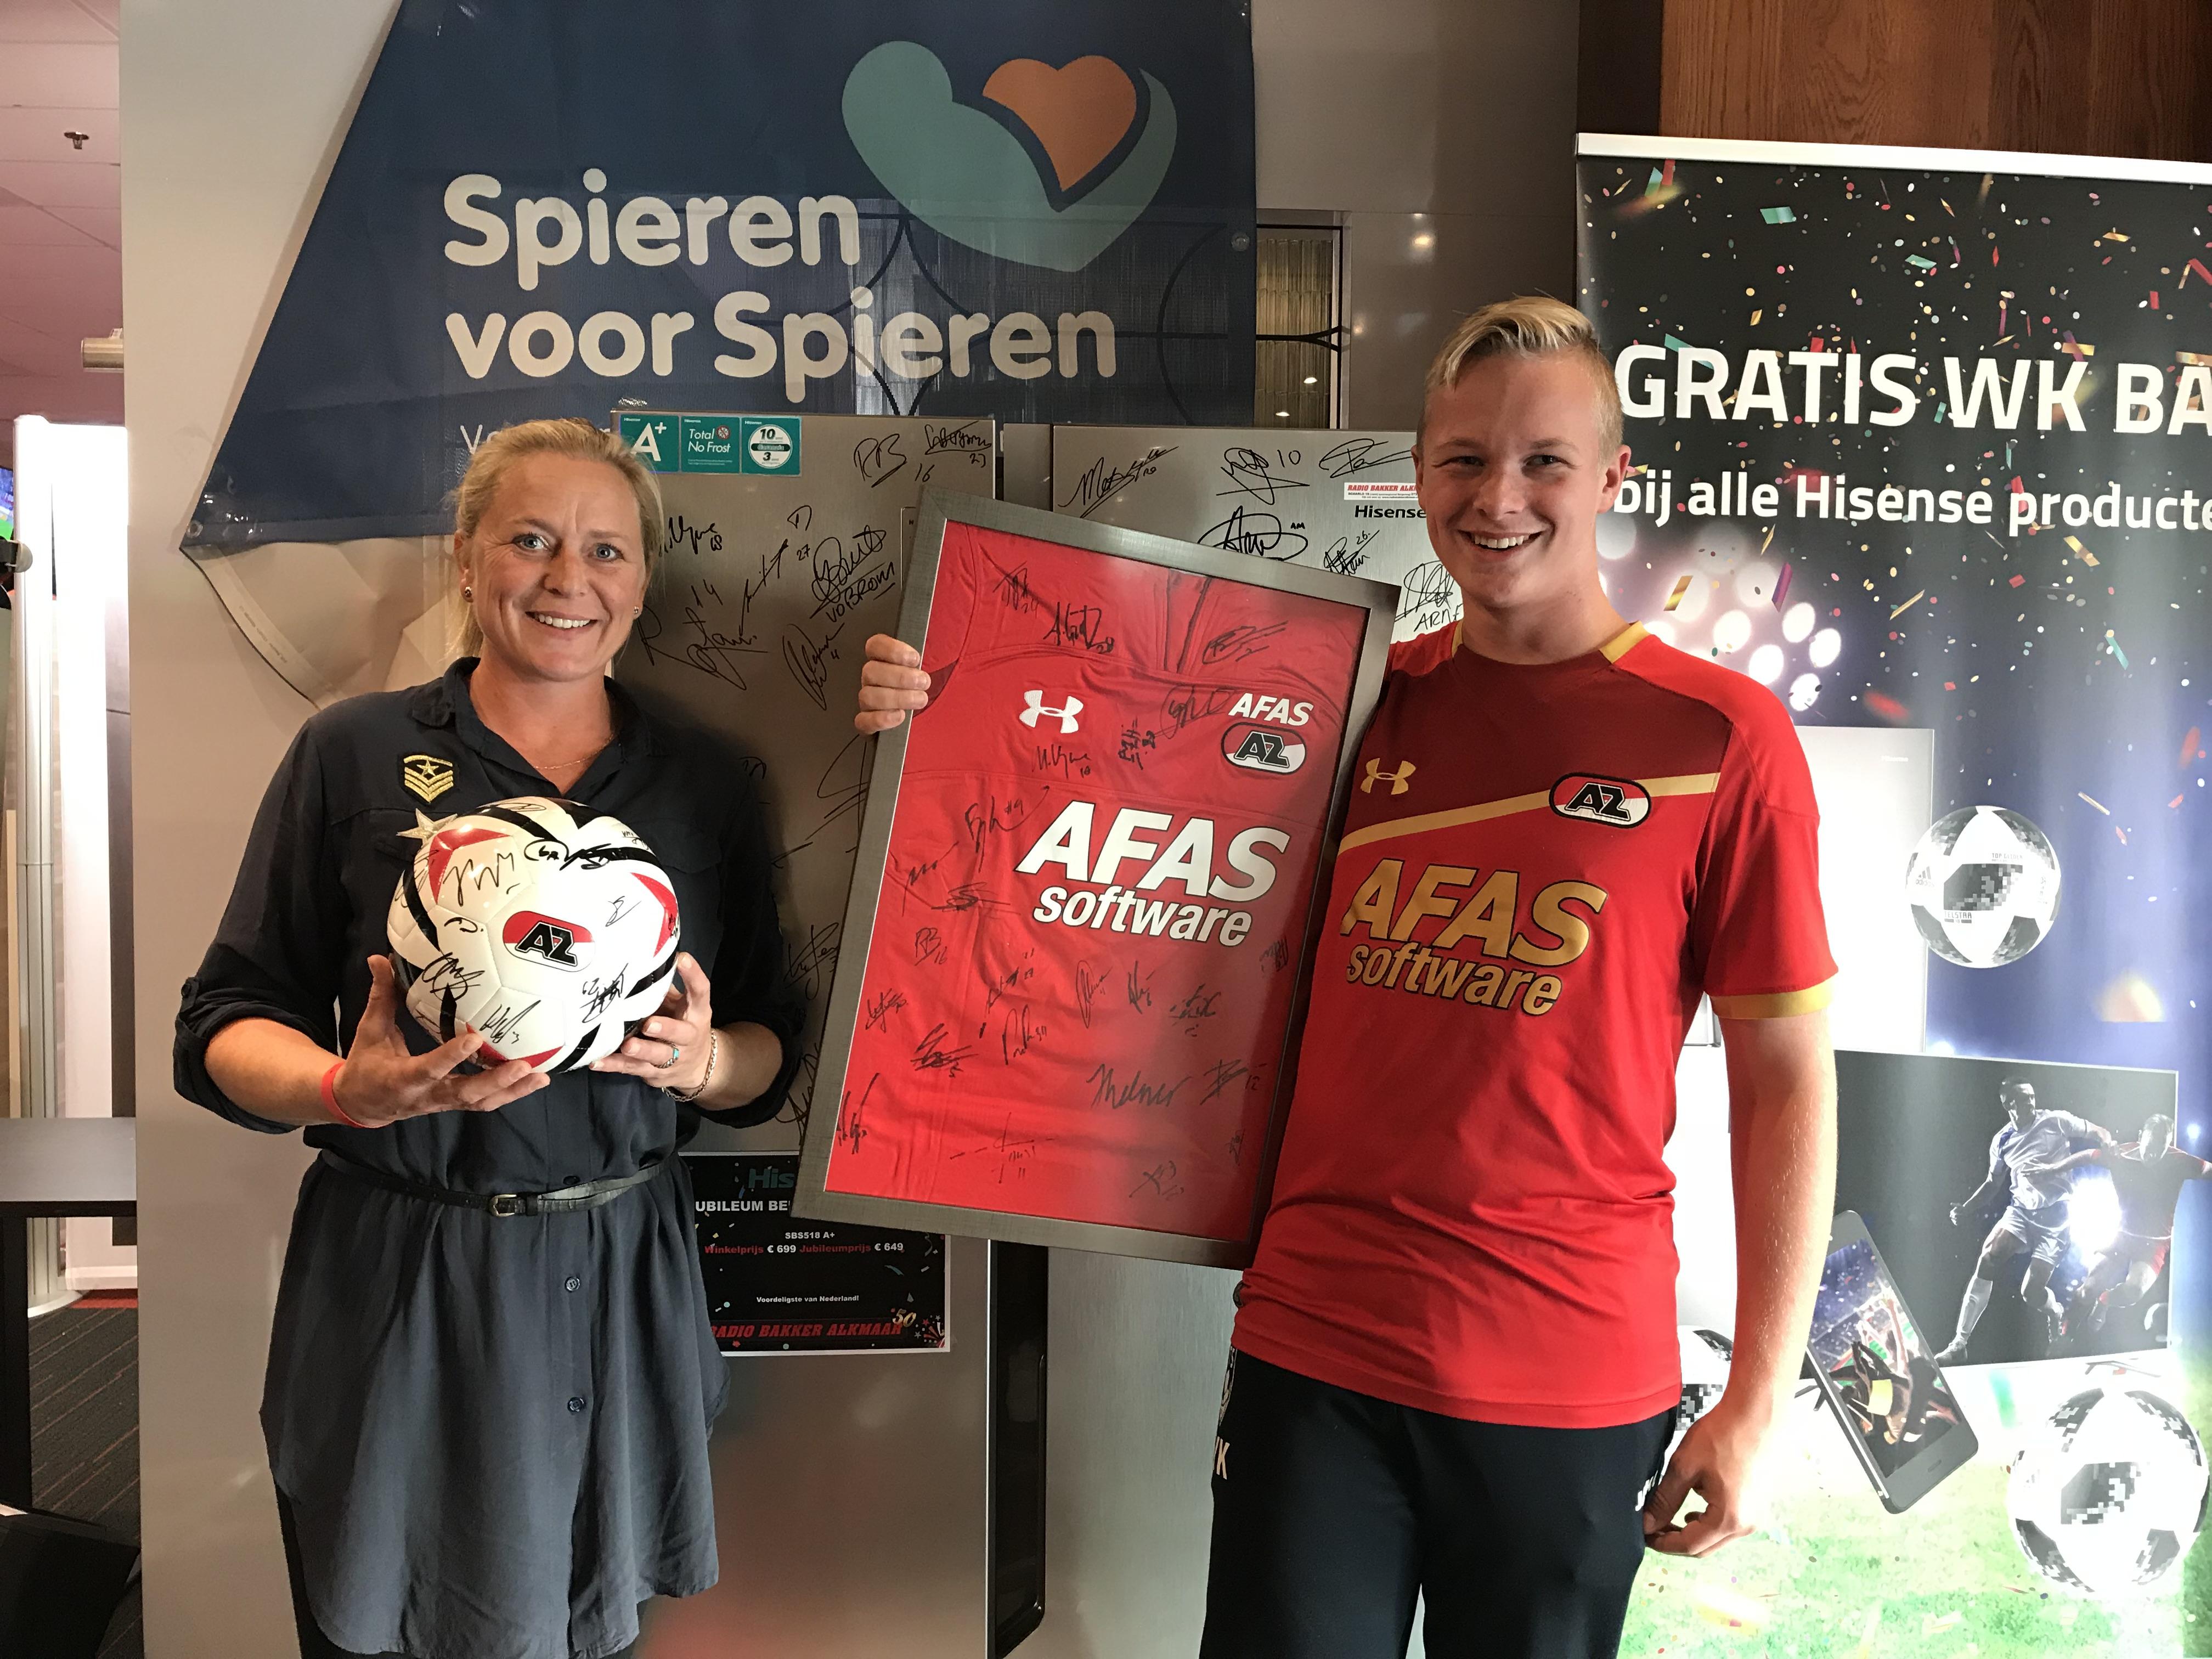 Familie Knoop had het hoogste bod op de gesigneerde voetbal en t-shirt van AZ. (Foto: aangeleverd)